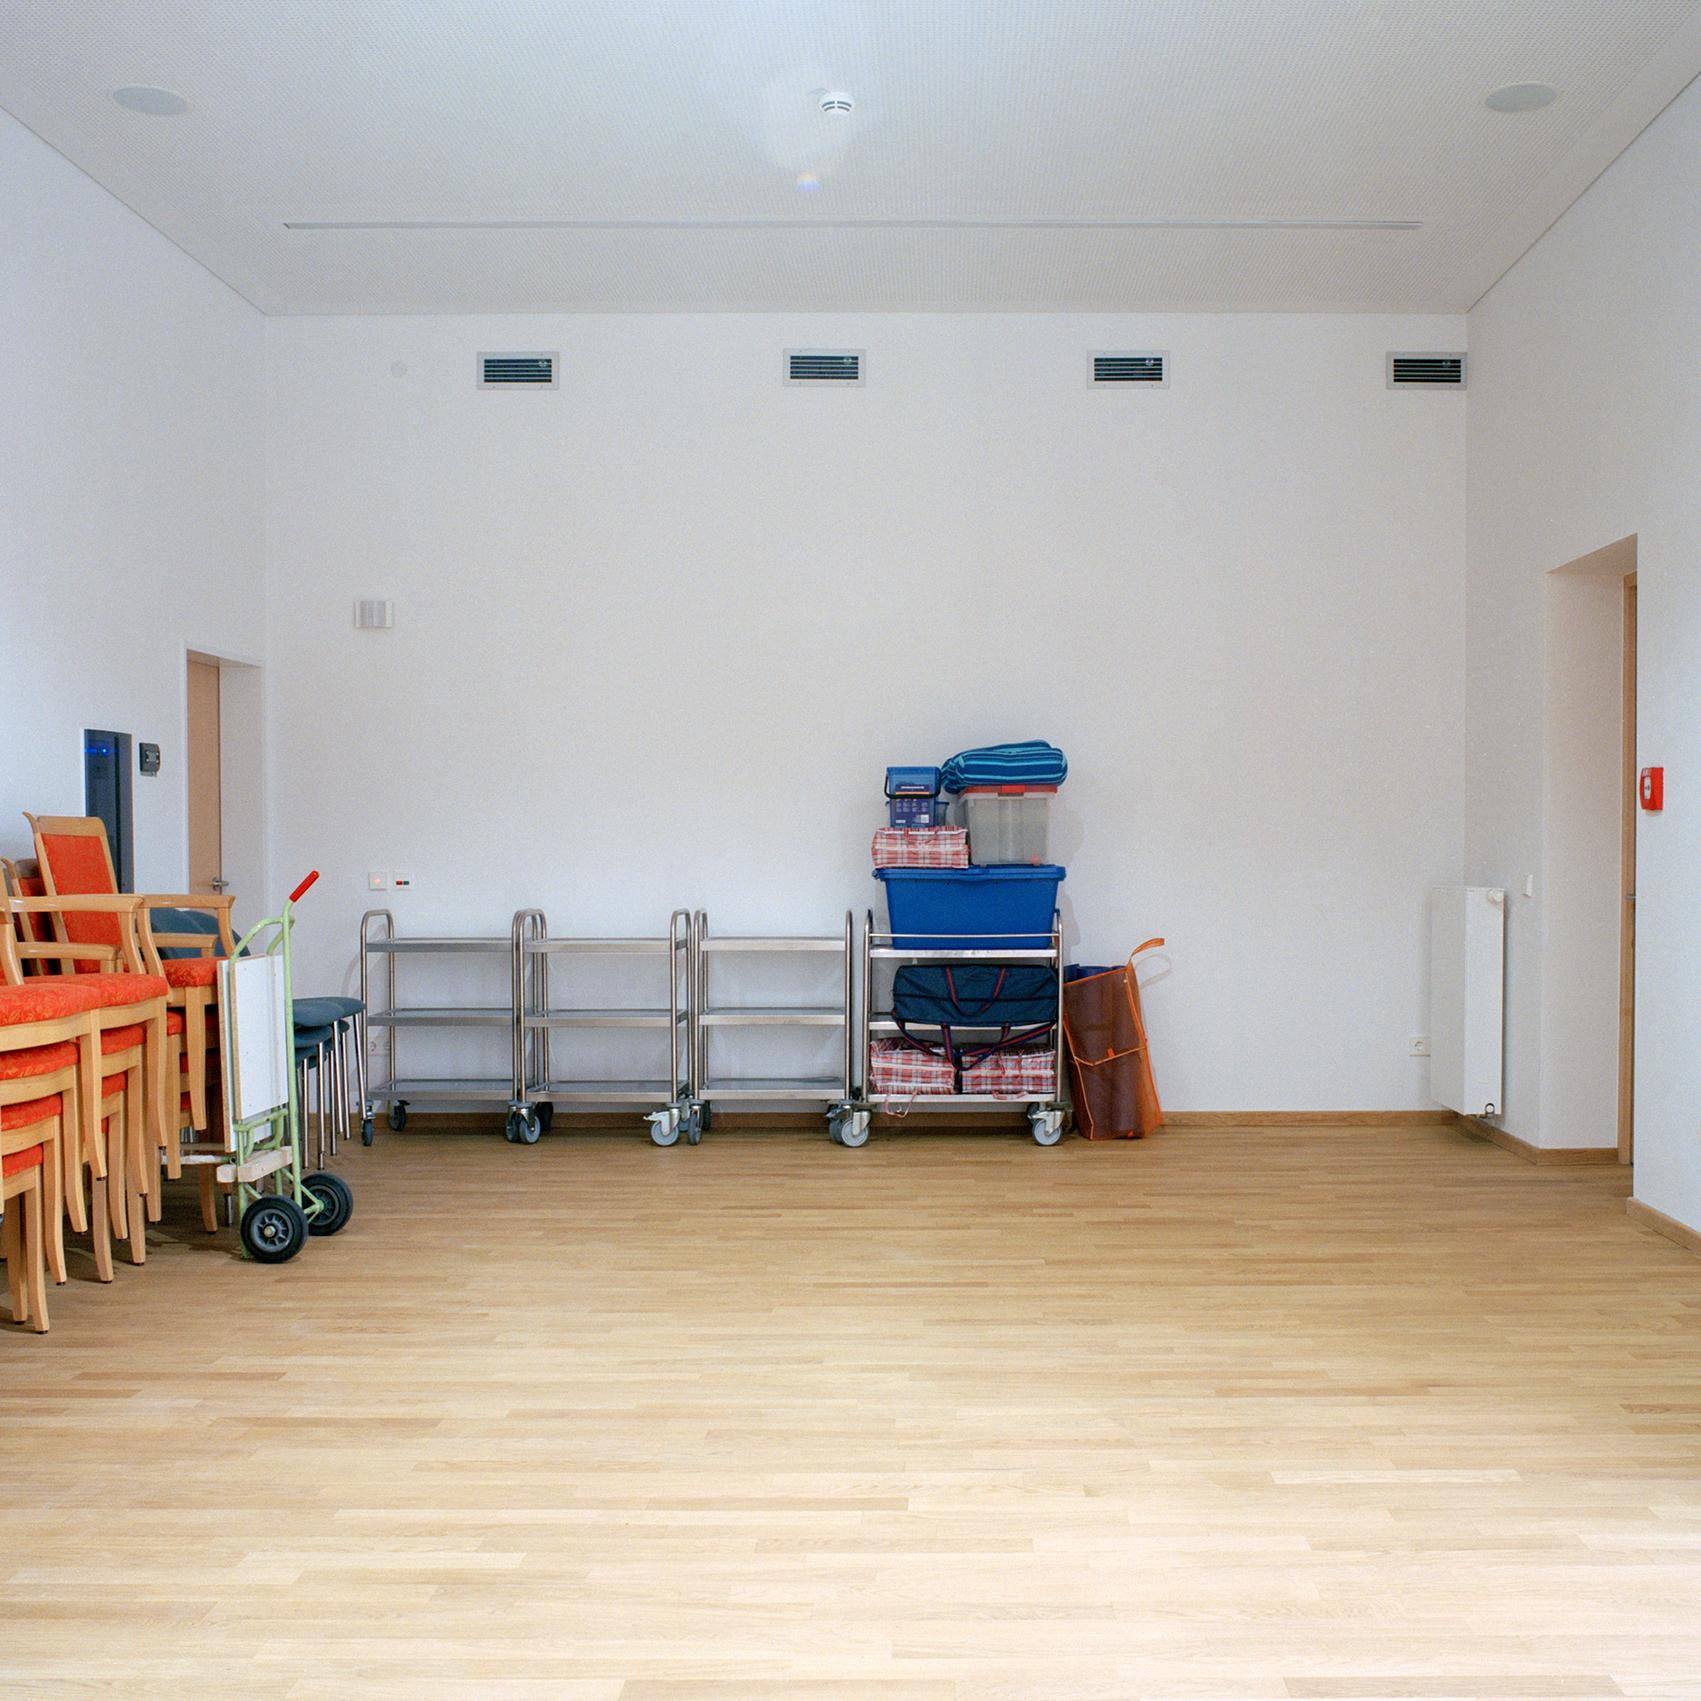 Georg Brauchle Haus, Muenchen. Gymnastikraum des Georg Brauchle Haus in der Staudingerstrasse 58 in Munchen am 18. Januar 2011. Der Gymnastikraum ist erst vor kurzem fertig gestellt worden. Fotograf: Evi Lemberger